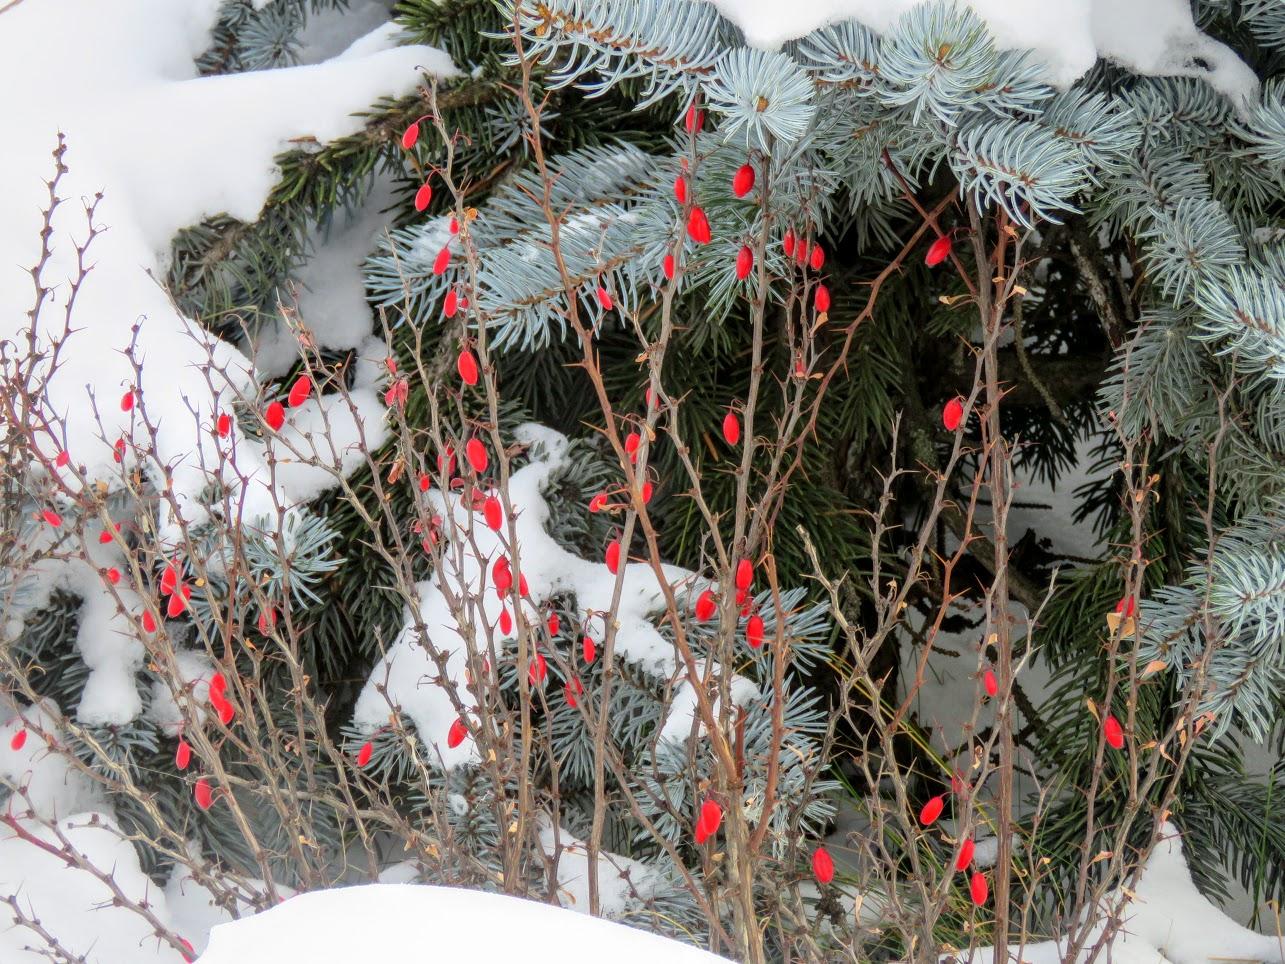 Розовый снежноягодник, снегири и другие прелести дня. Мой Мурыч с утра) IMG 2531